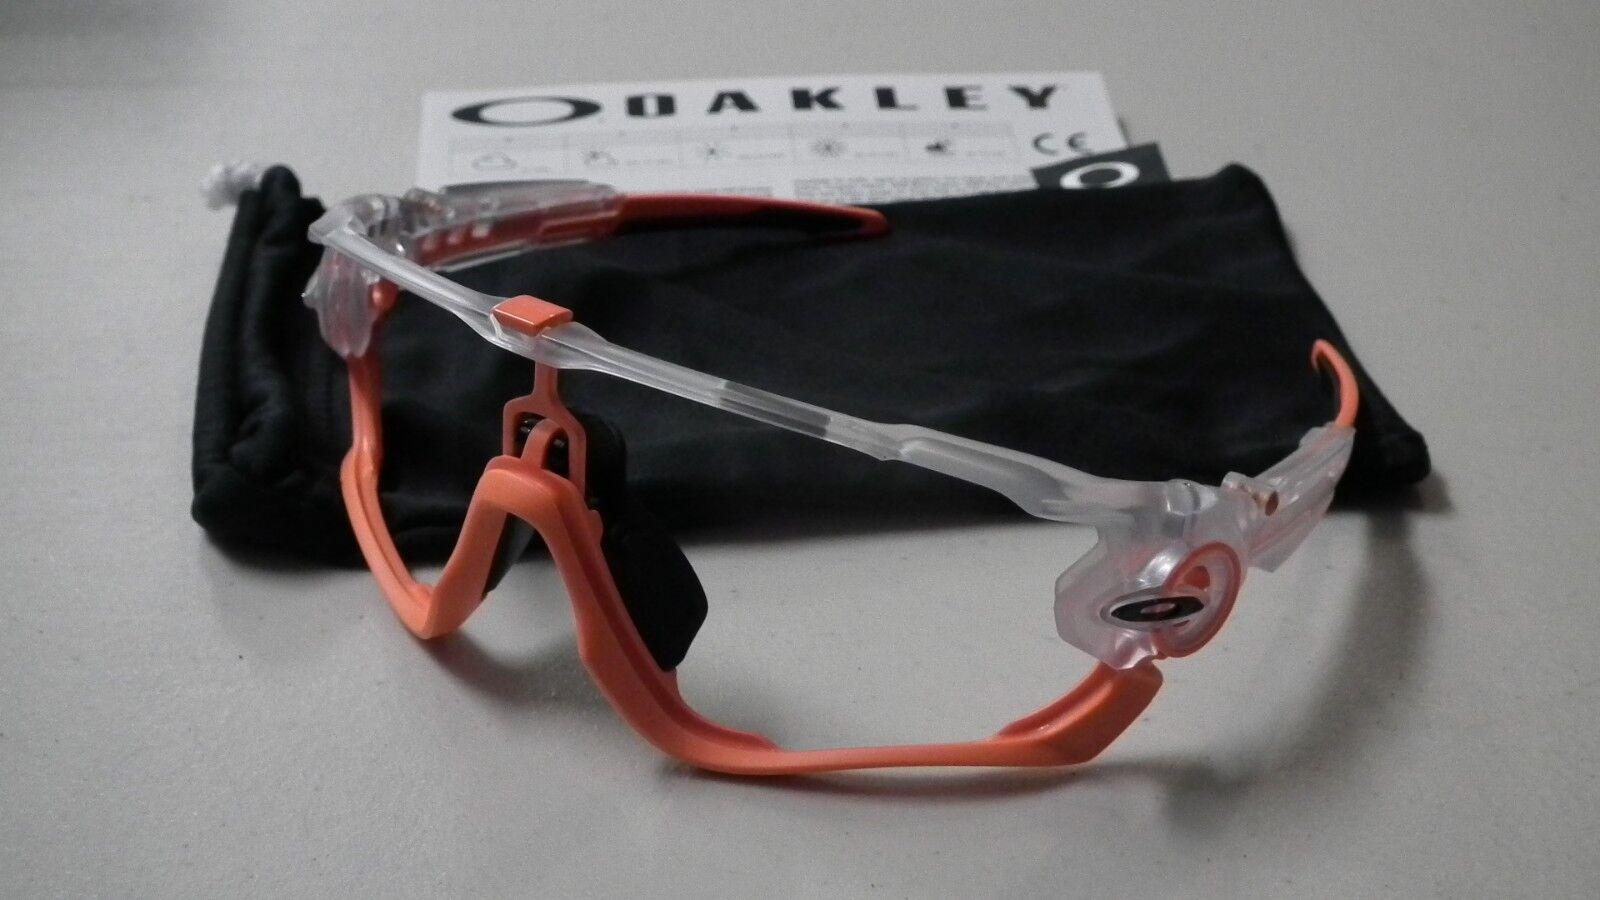 06a6657d07 Oakley Oo9290 Jawbreaker 929037 Matte Clear Size 31 for sale online ...